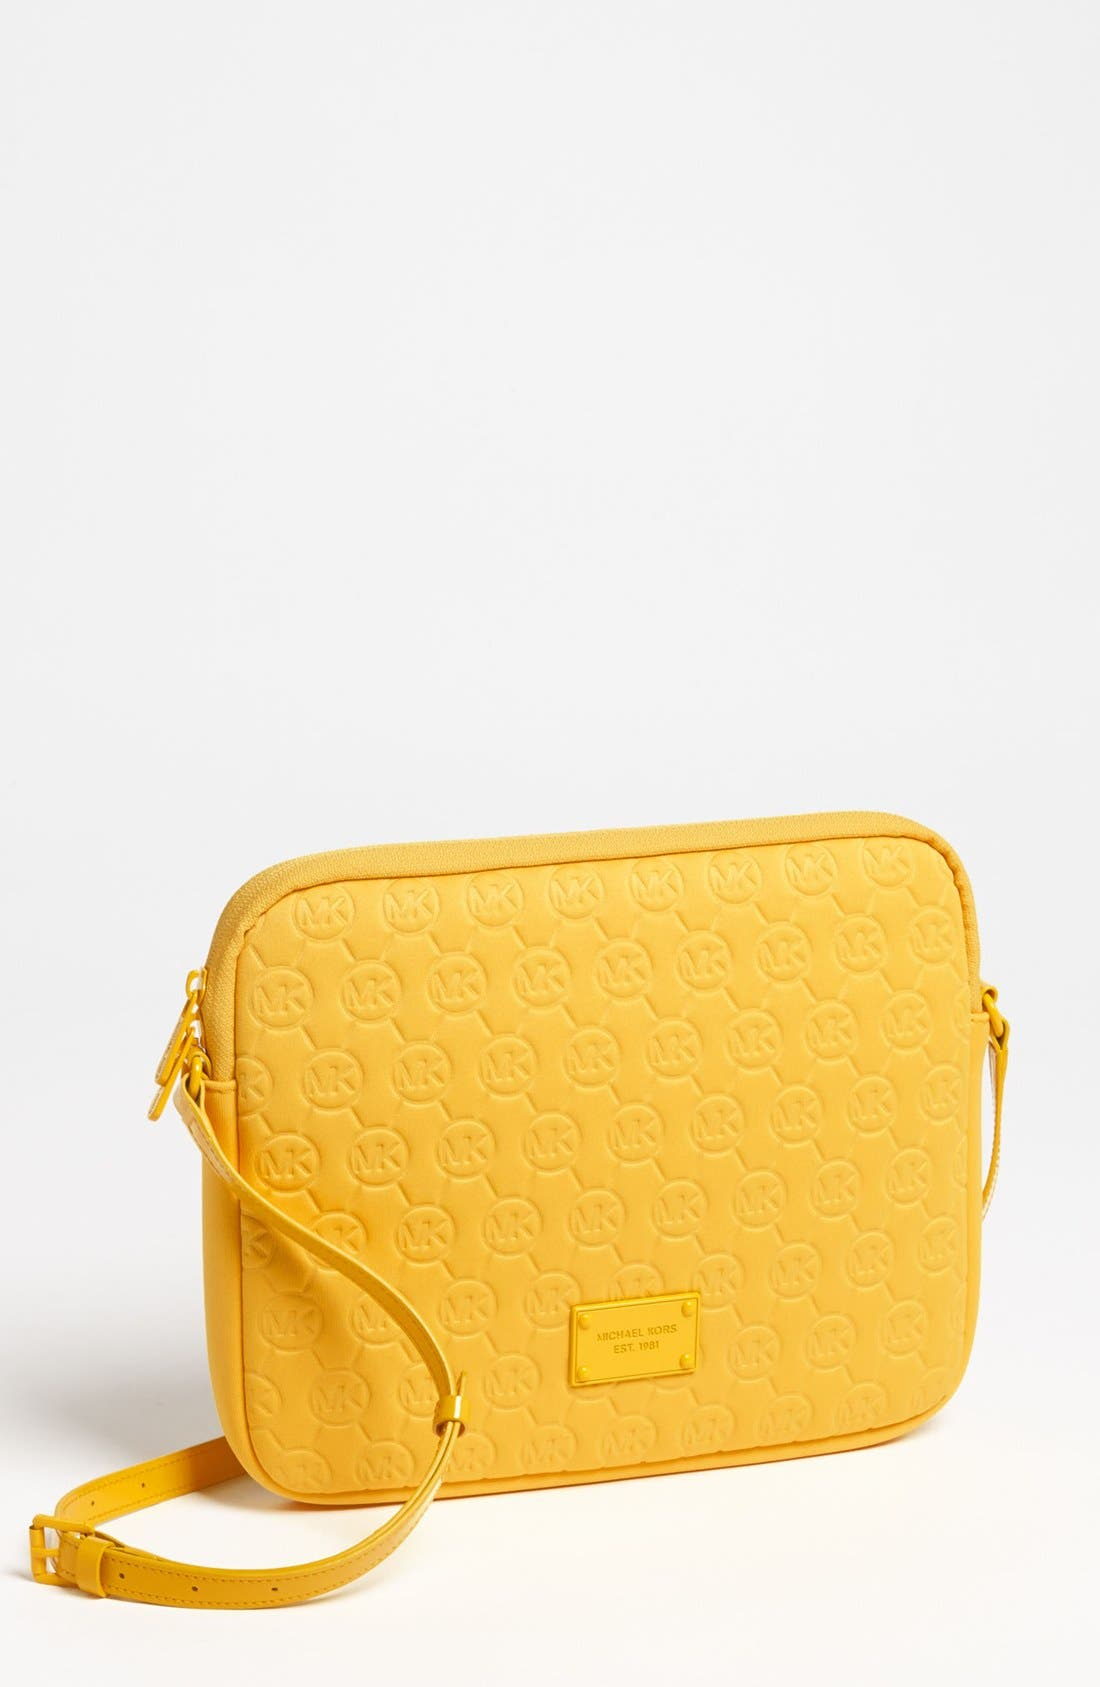 Main Image - MICHAEL Michael Kors iPad 2 Crossbody Bag